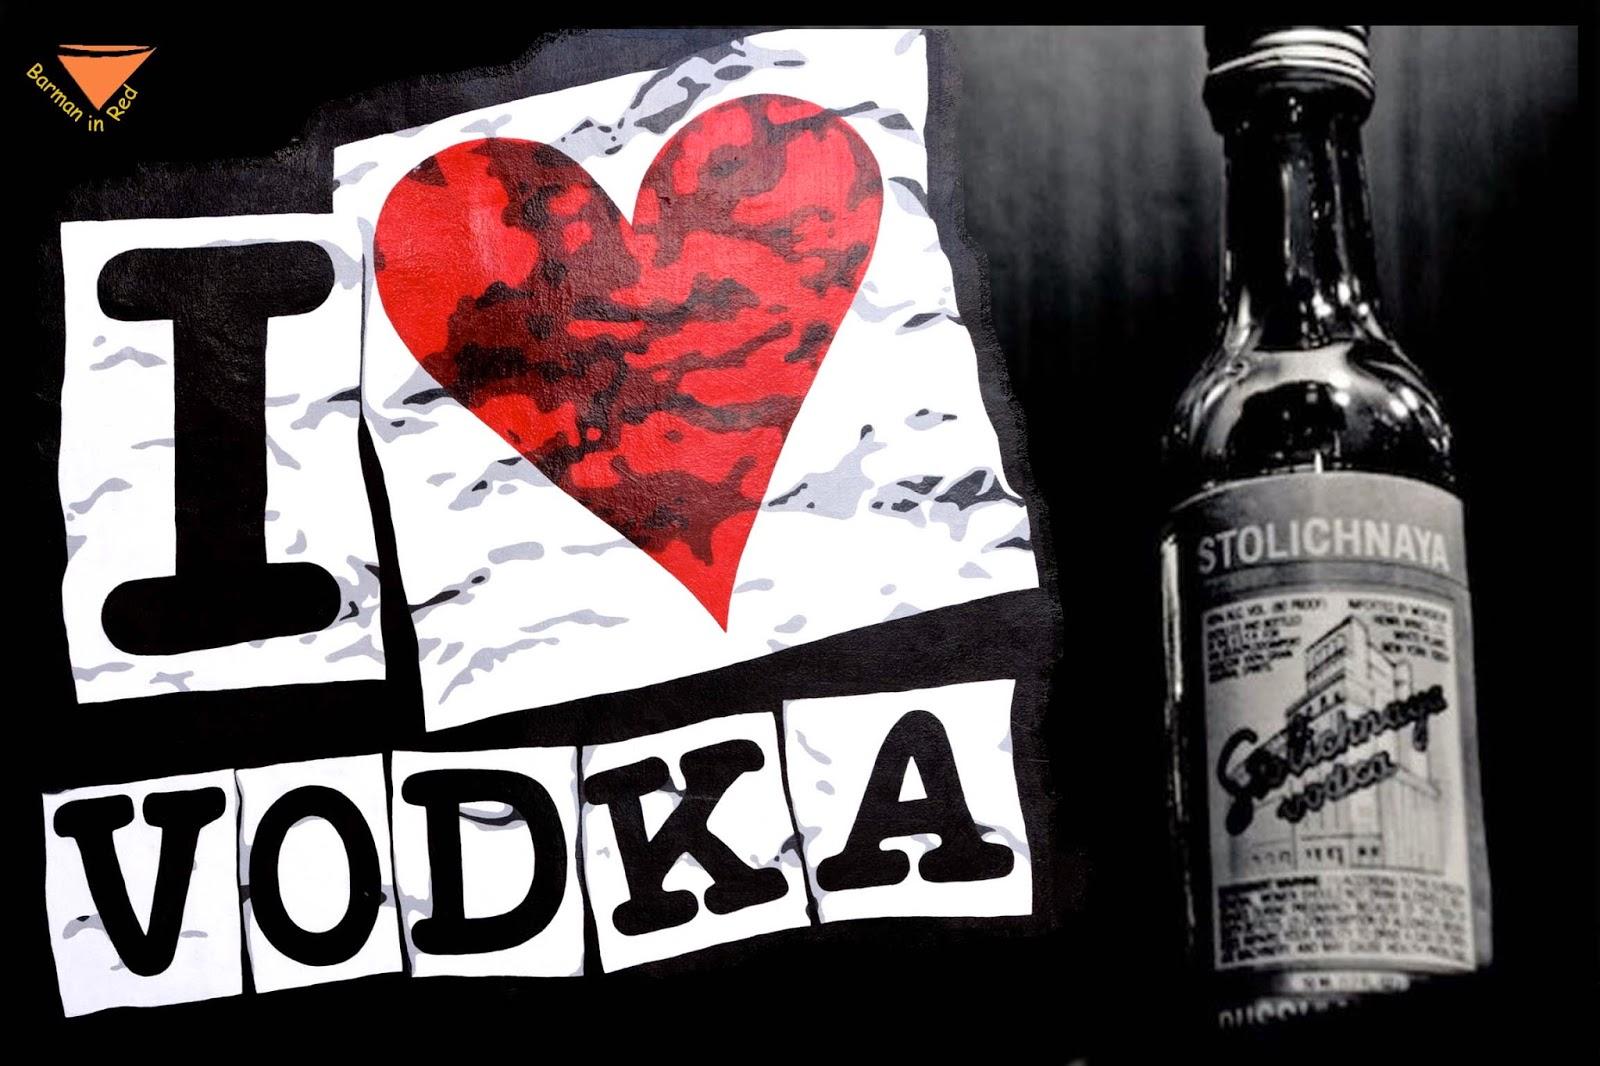 consumo de vodka